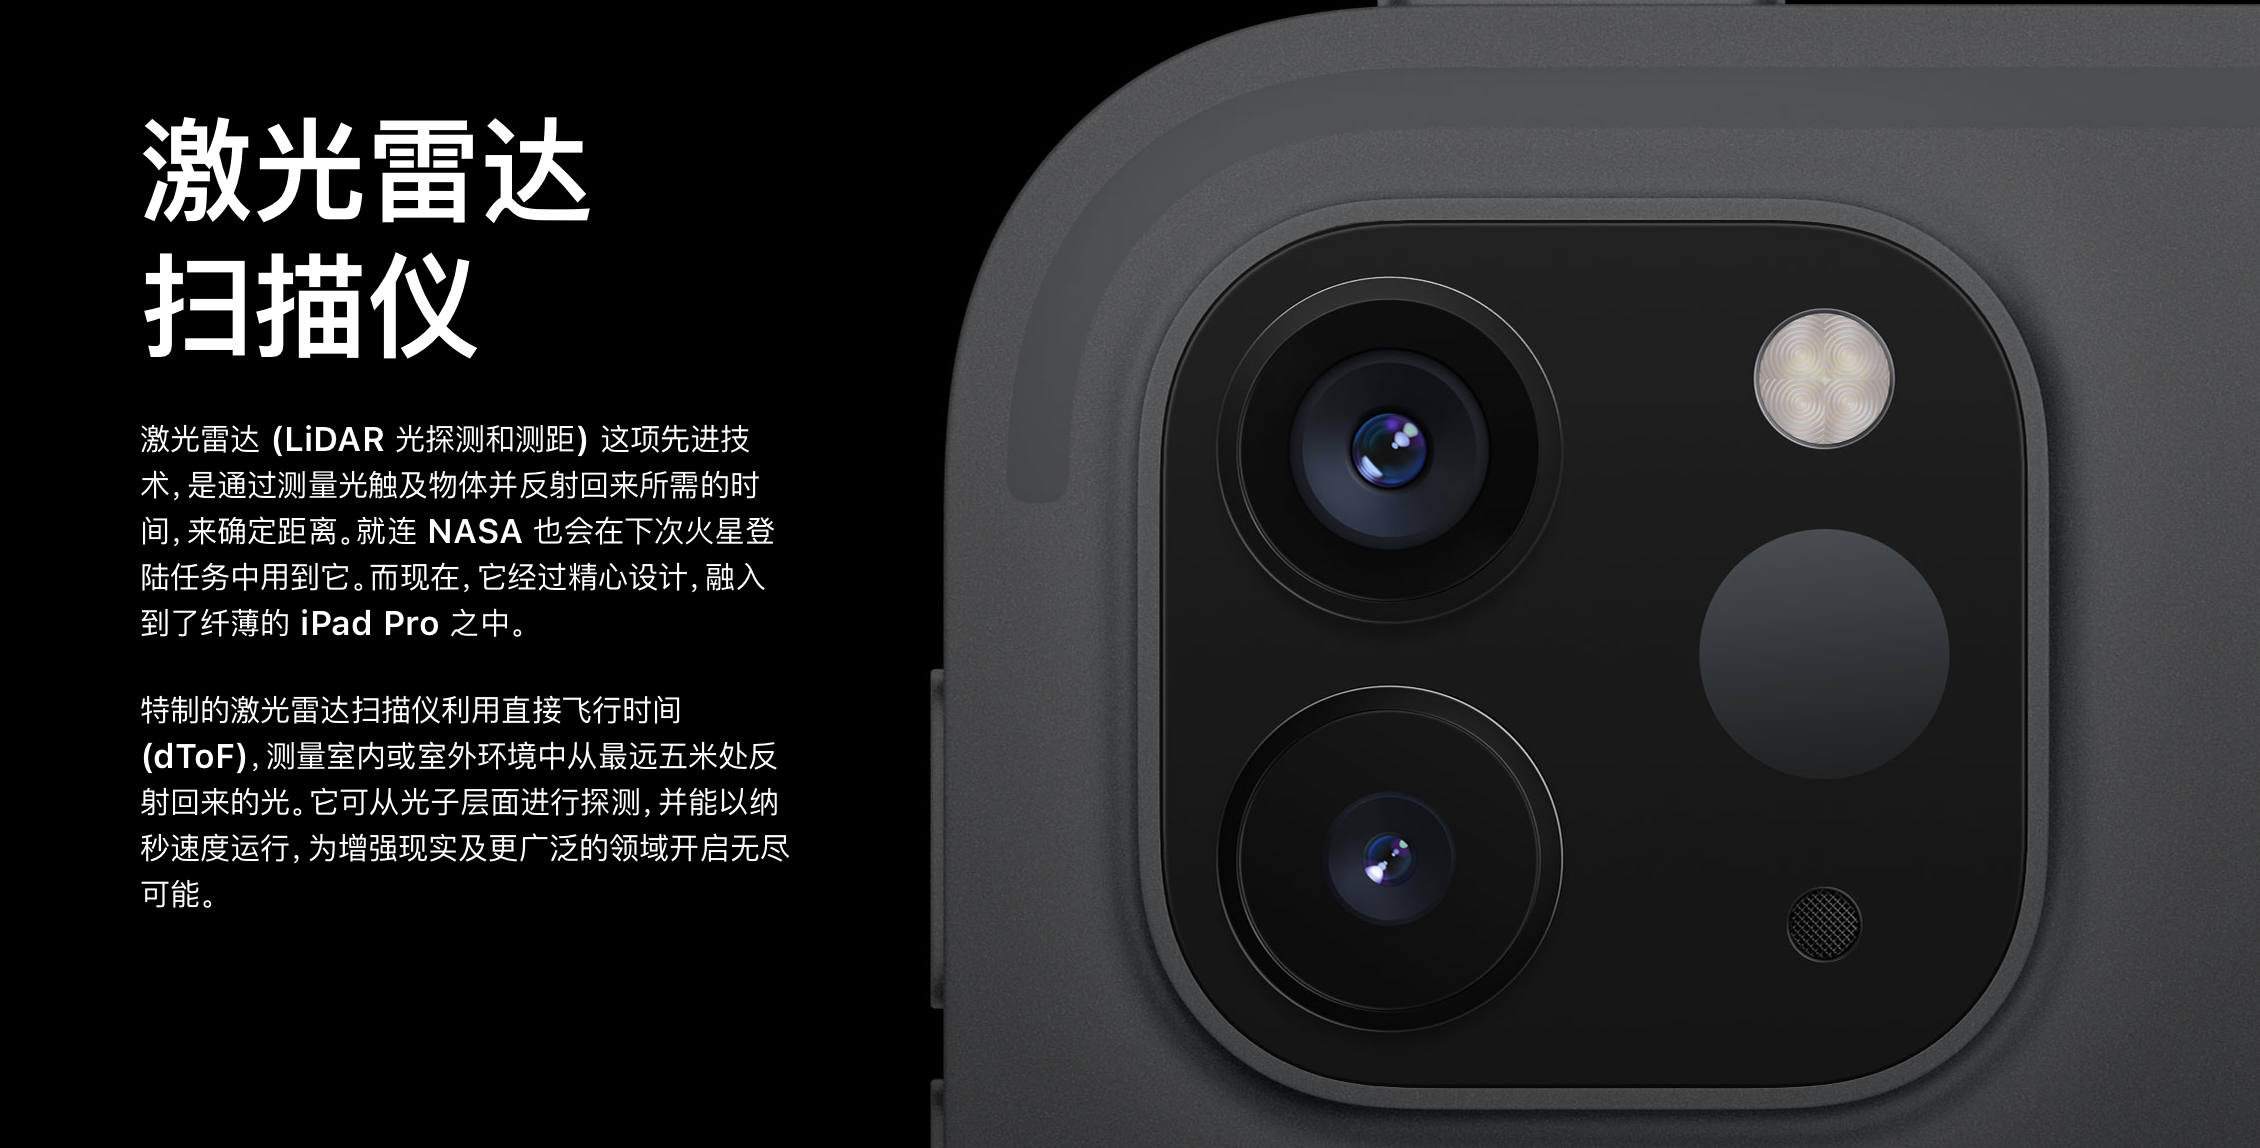 """最强科普:iPad Pro""""激光雷达""""技术,又要吊打友商?"""